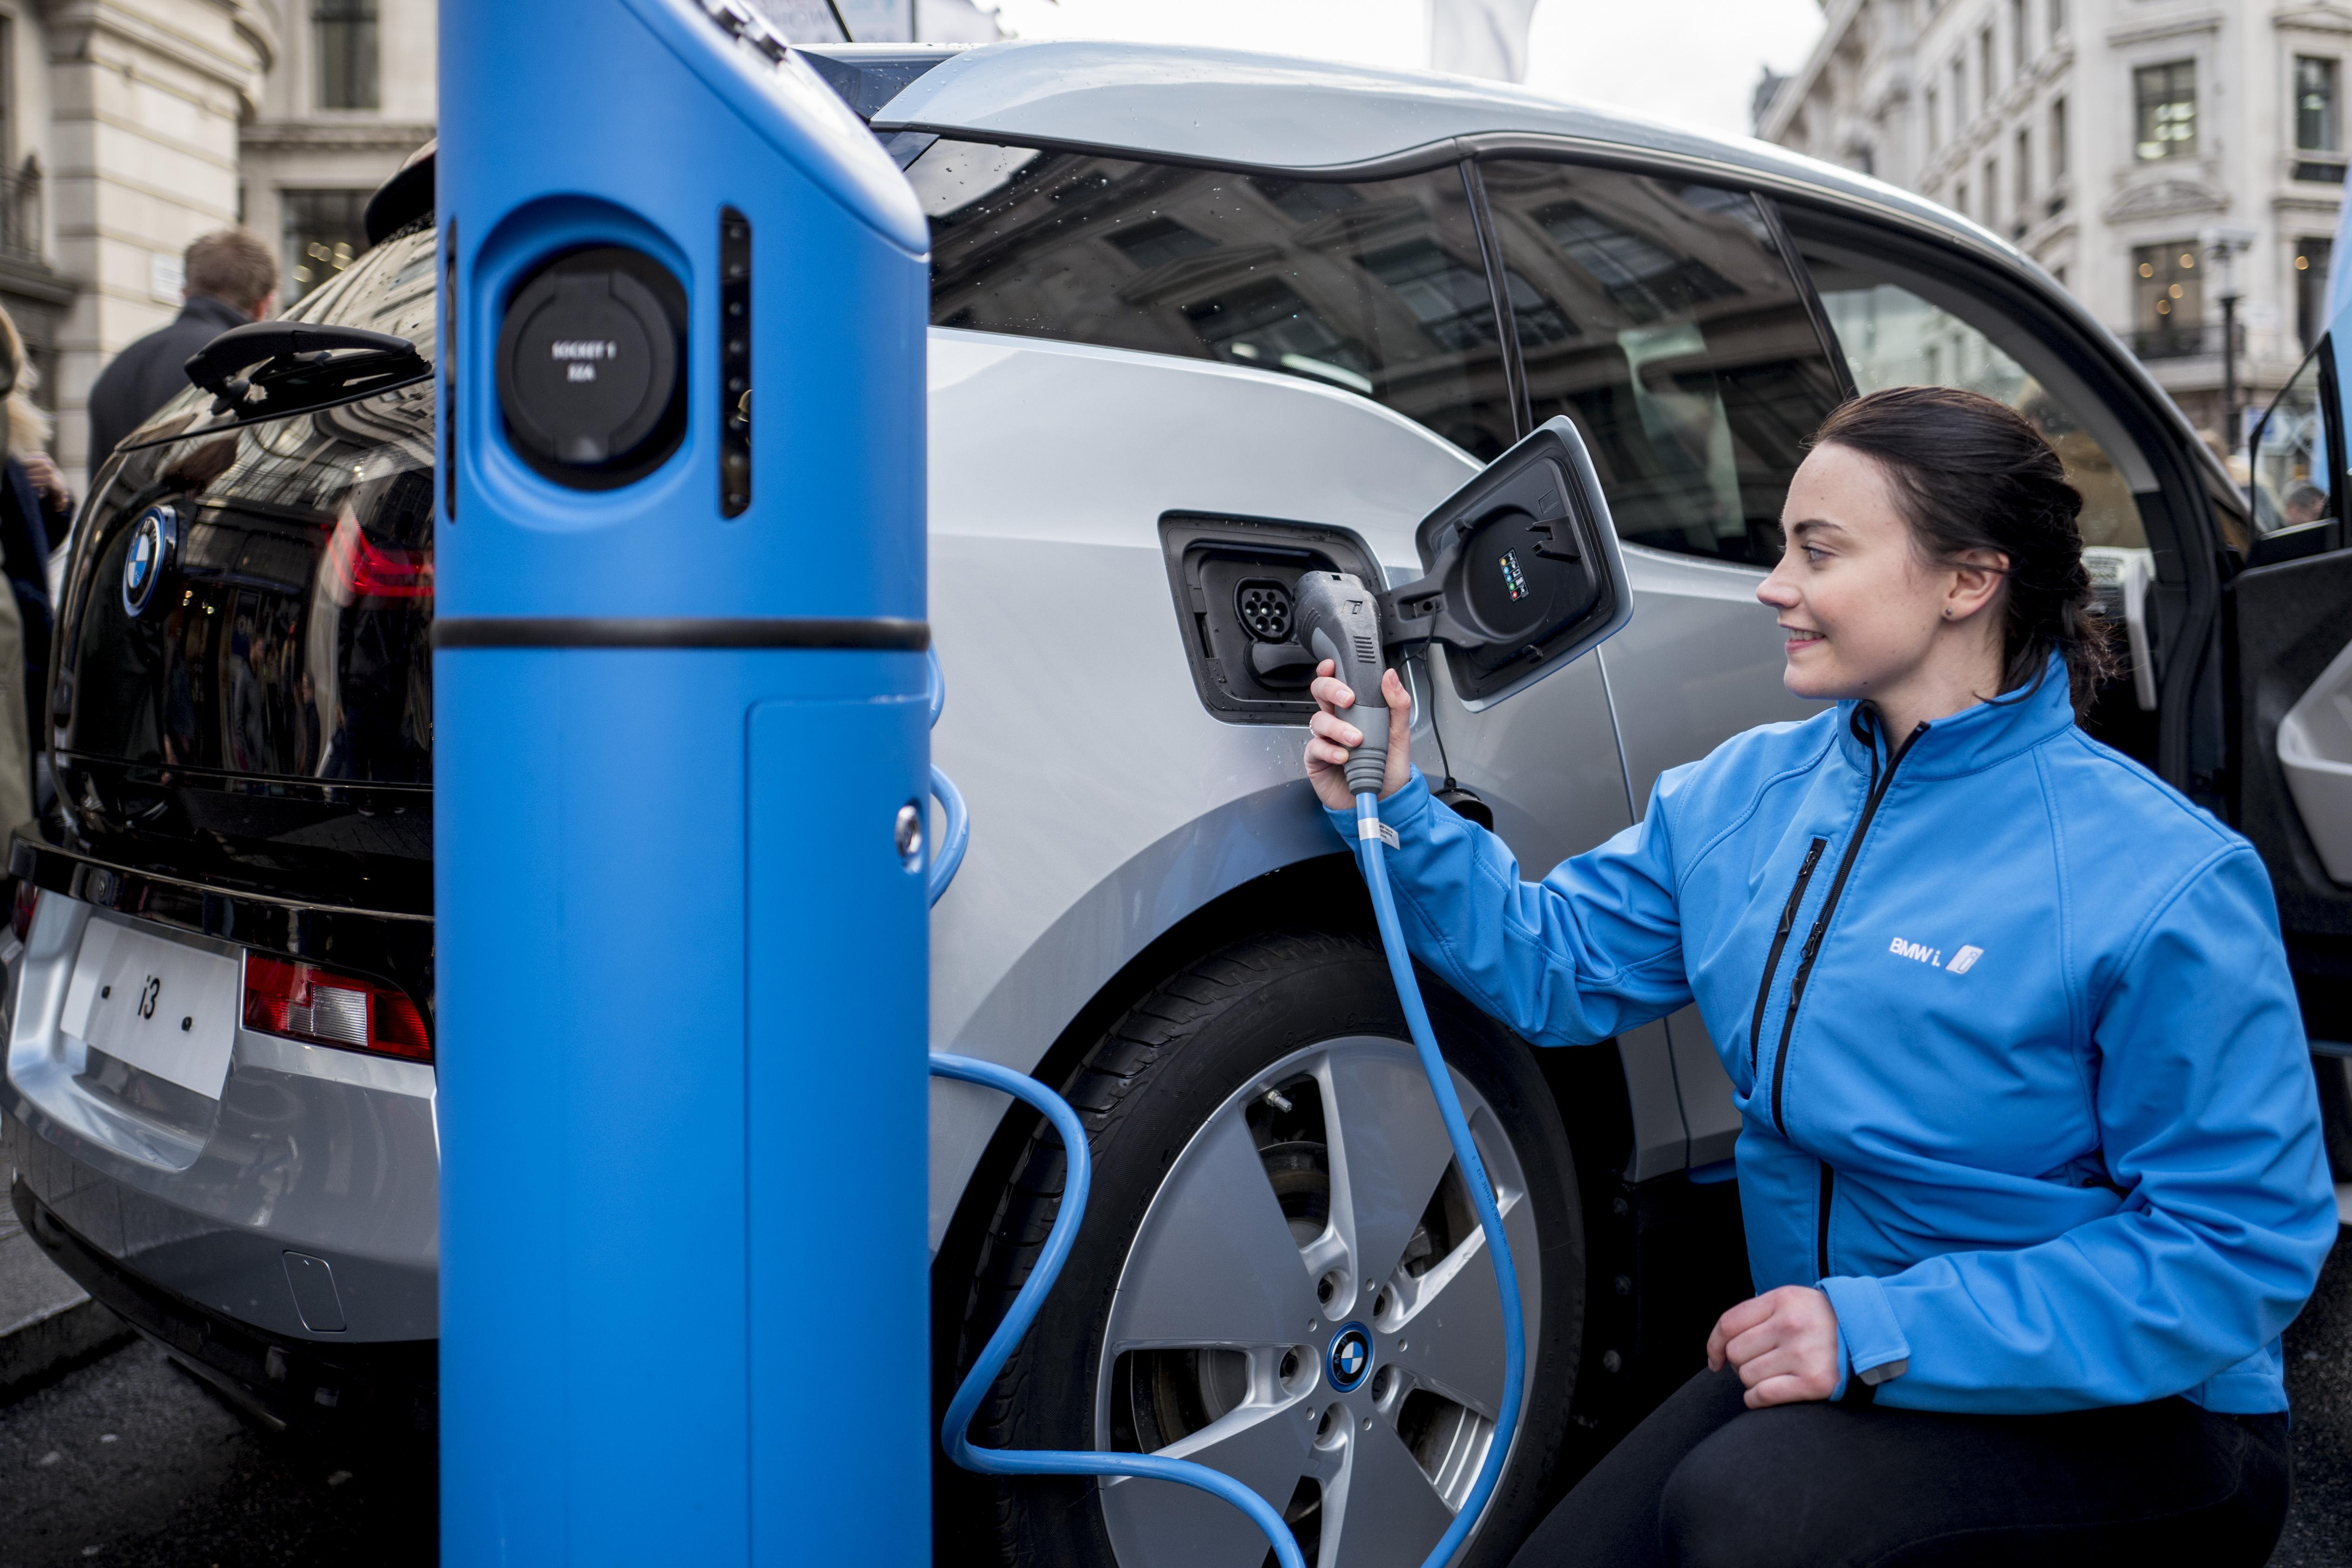 Un automóvil eléctrico de BMW | Agence France-Presse